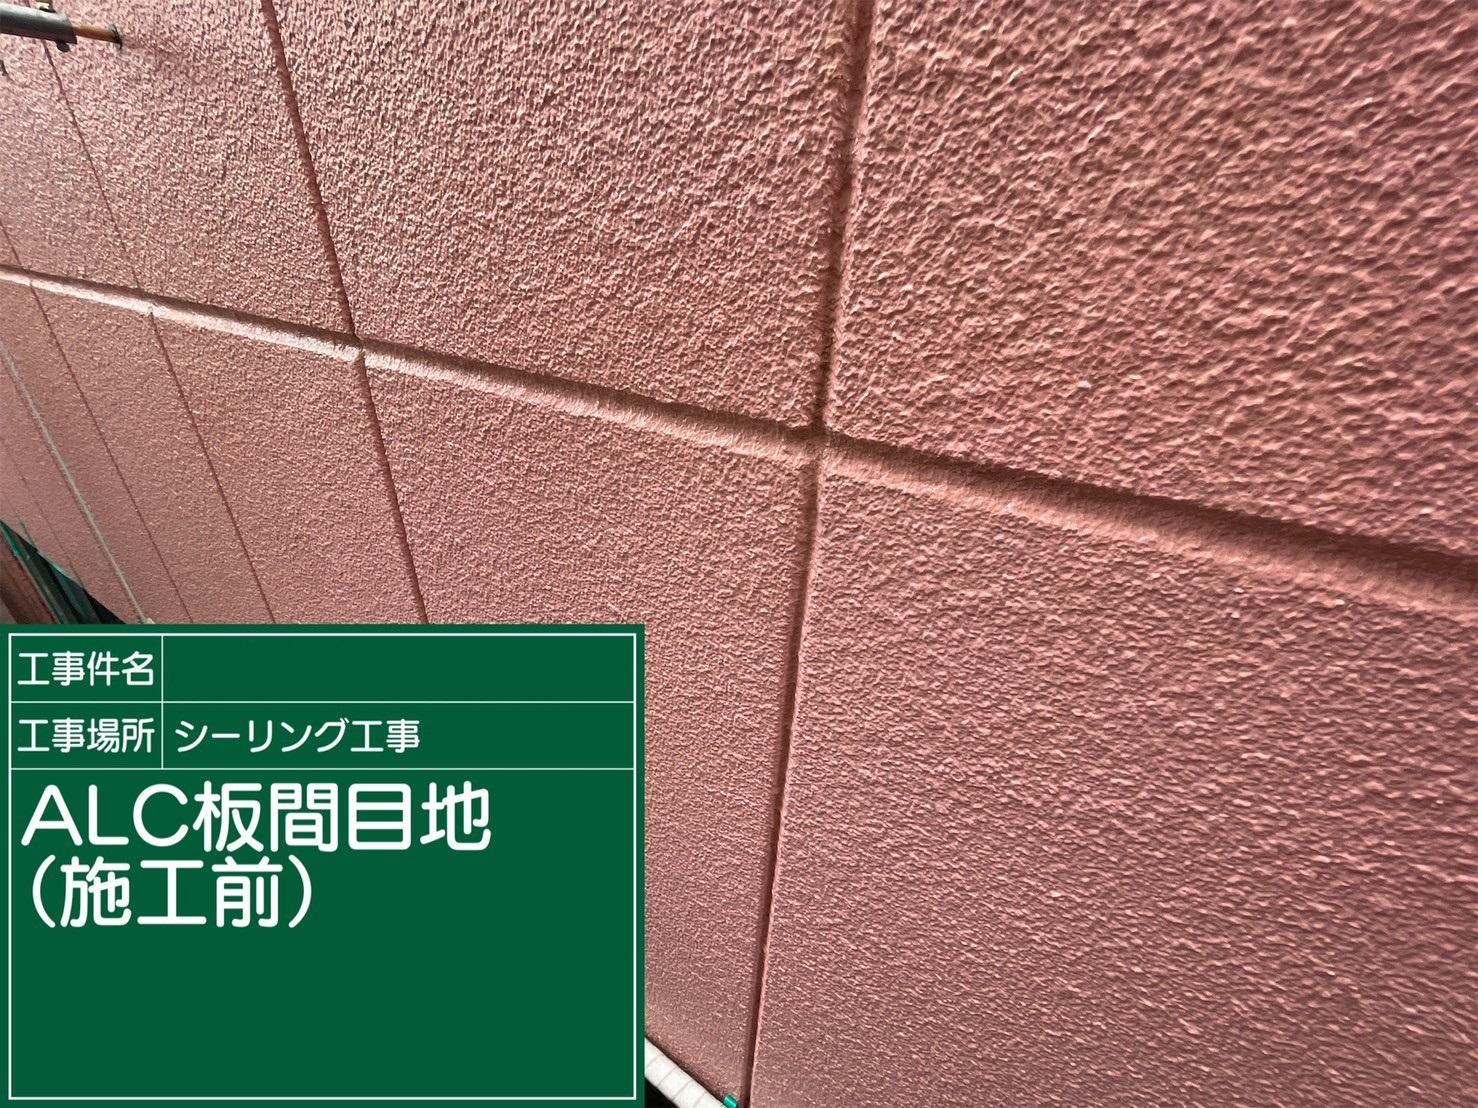 【ALC】①施工前